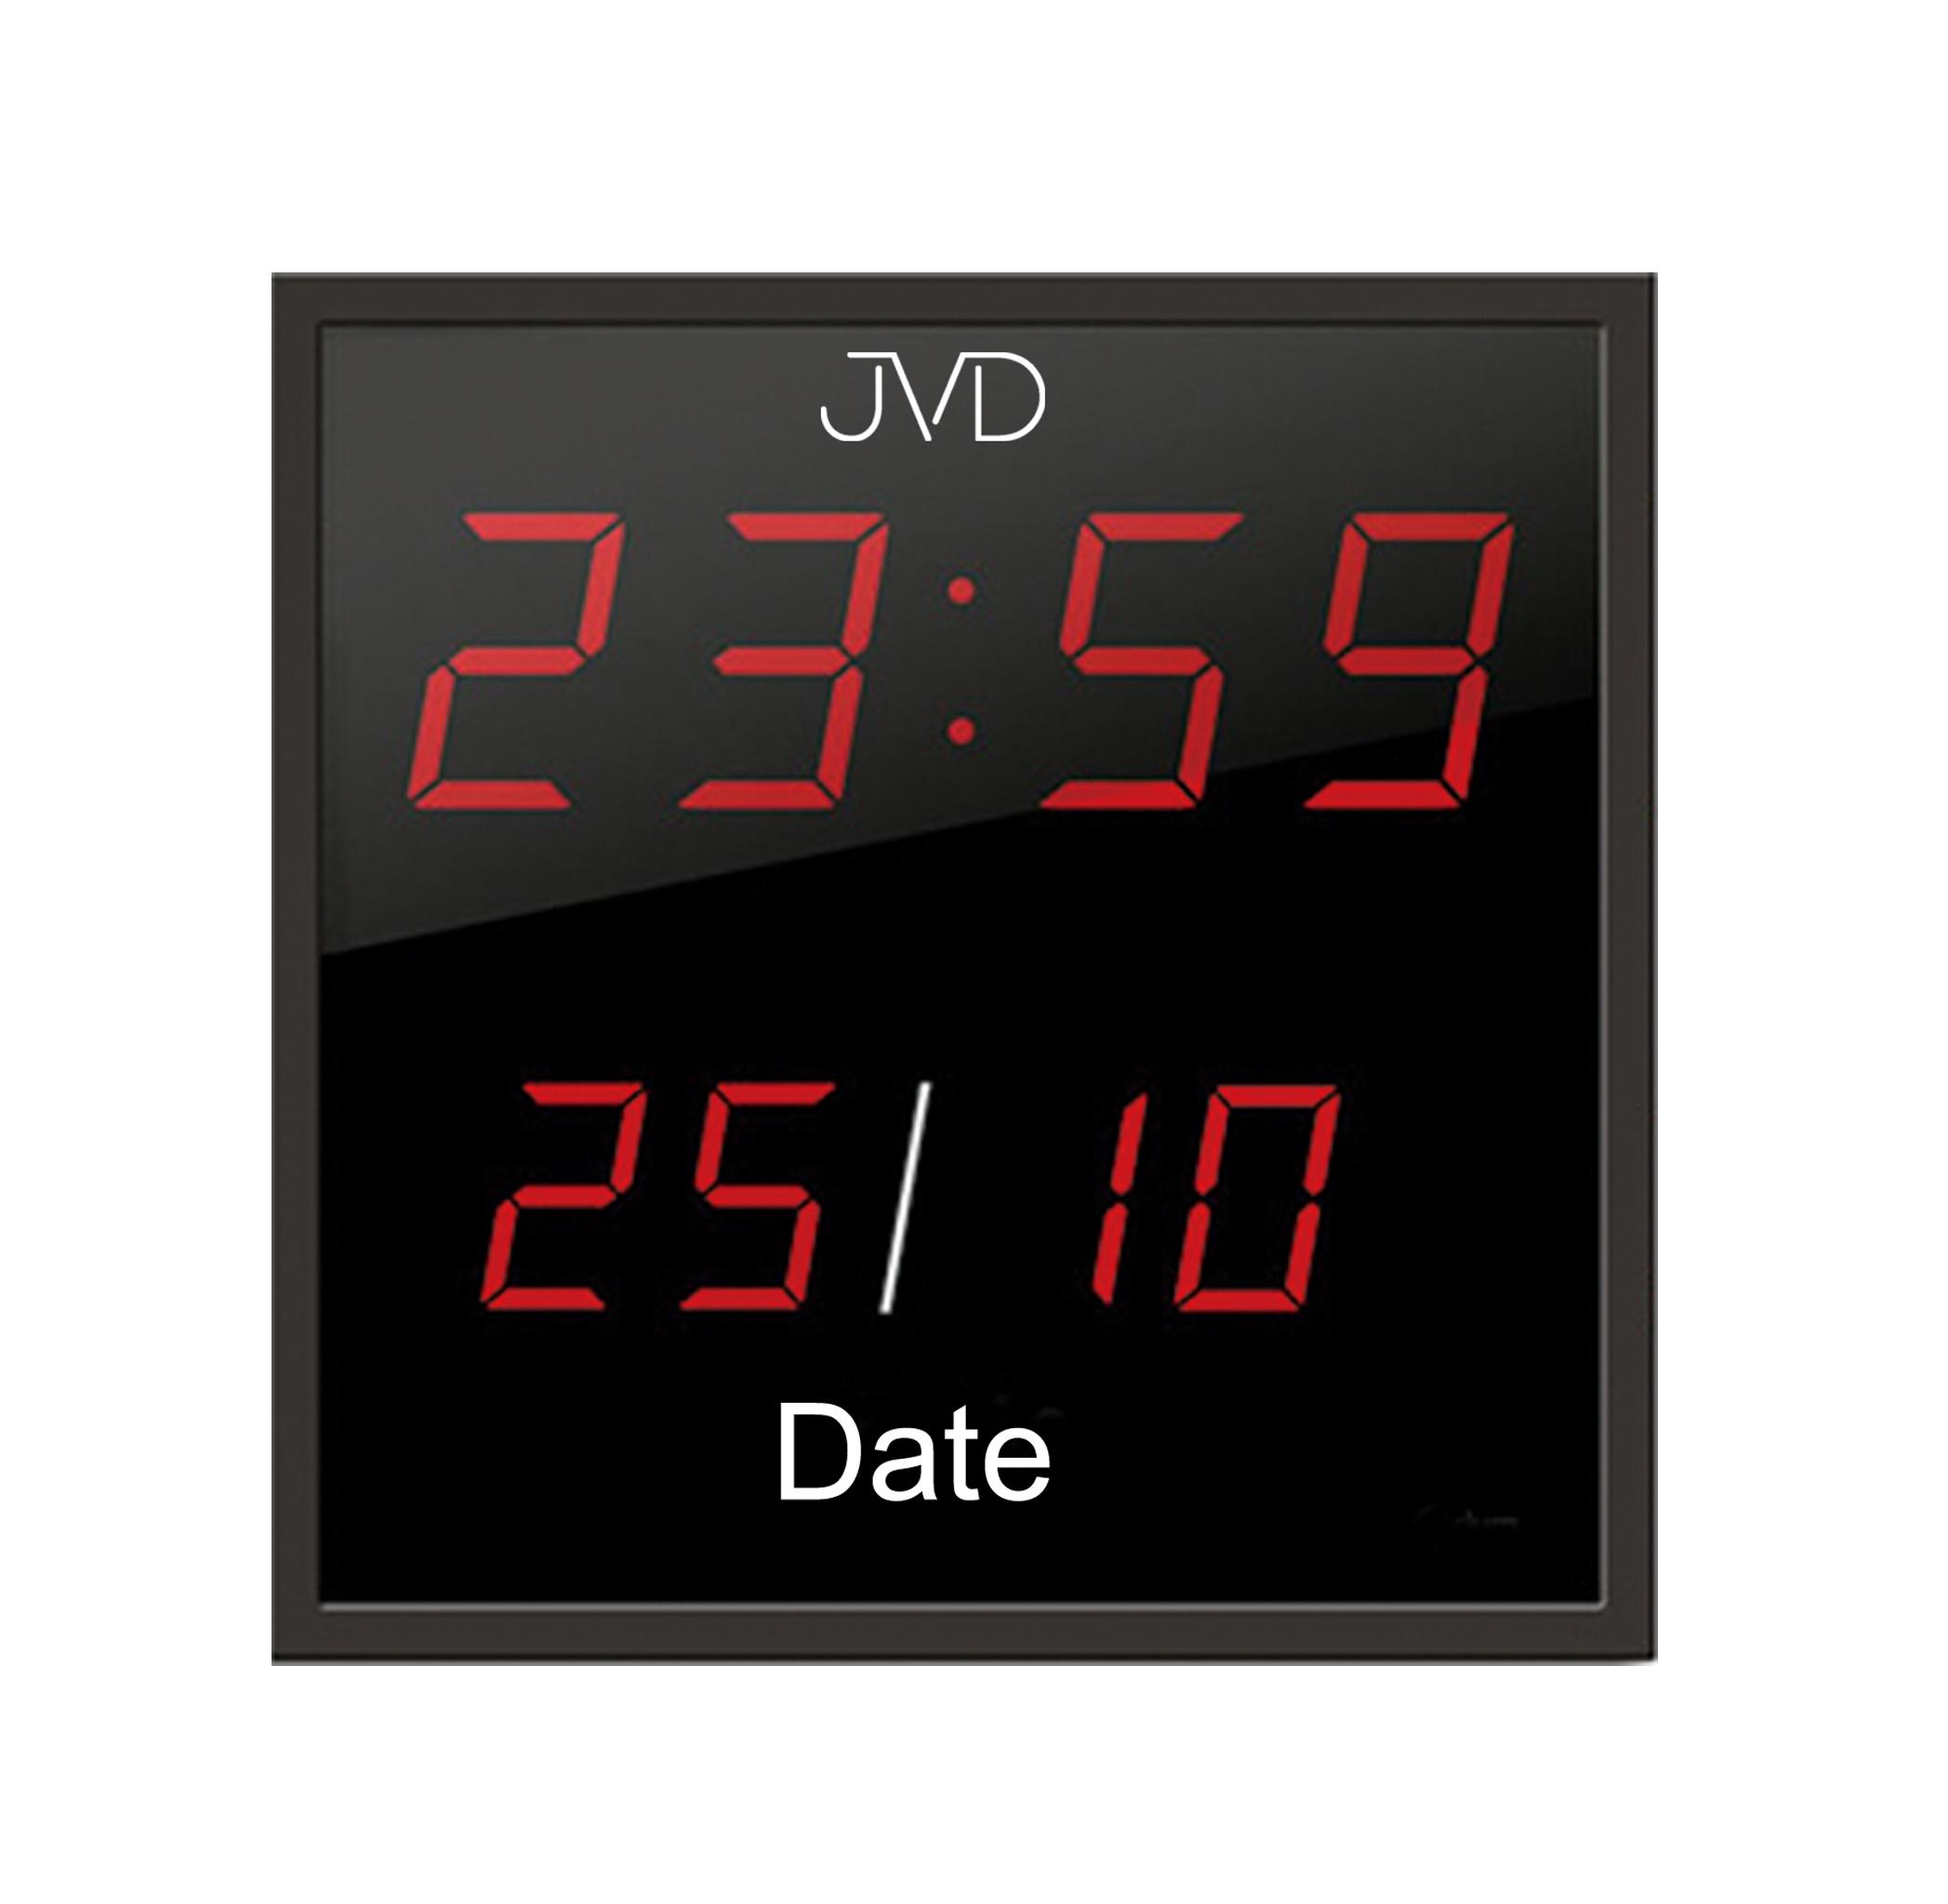 Velké svítící digitalní nástěnné hodiny JVD DH41 s červenými číslicemi (POŠTOVNÉ ZDARMA!!)